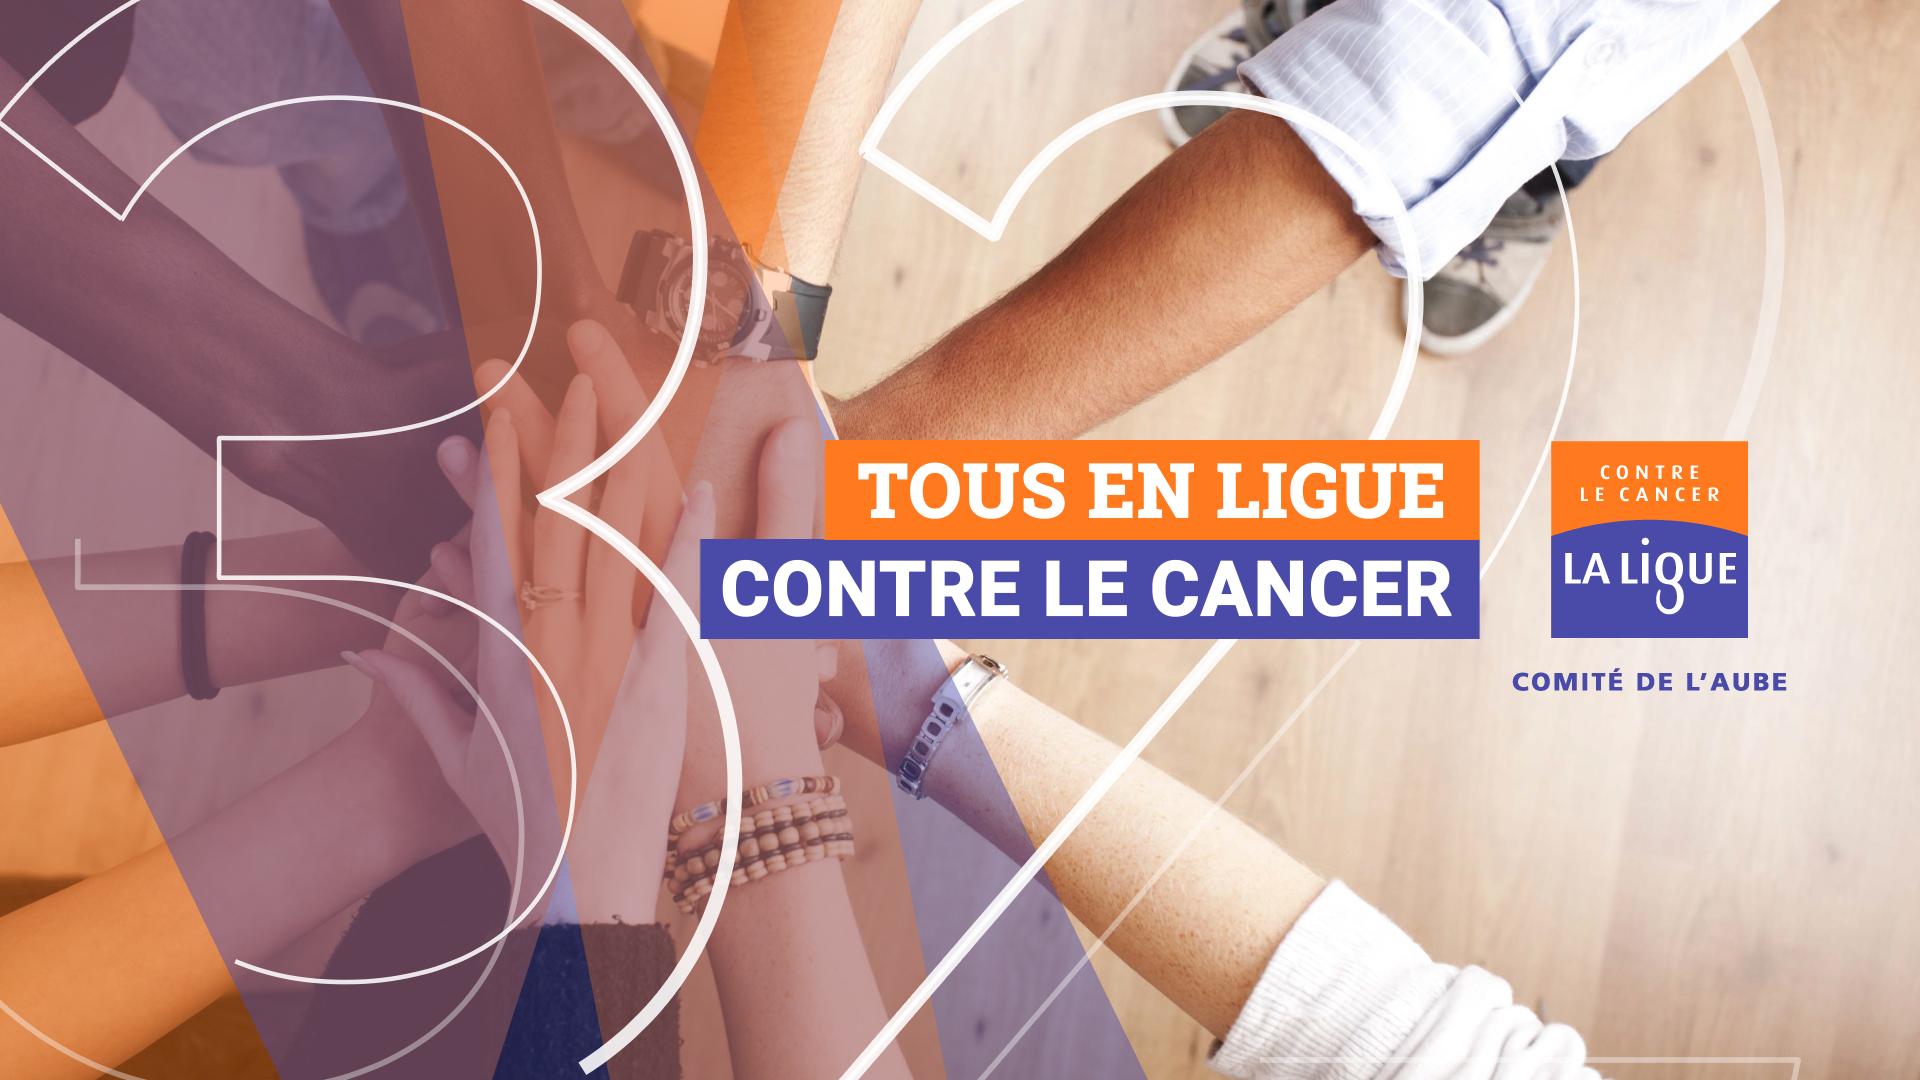 Image de l'emission Tous en ligue contre le cancer